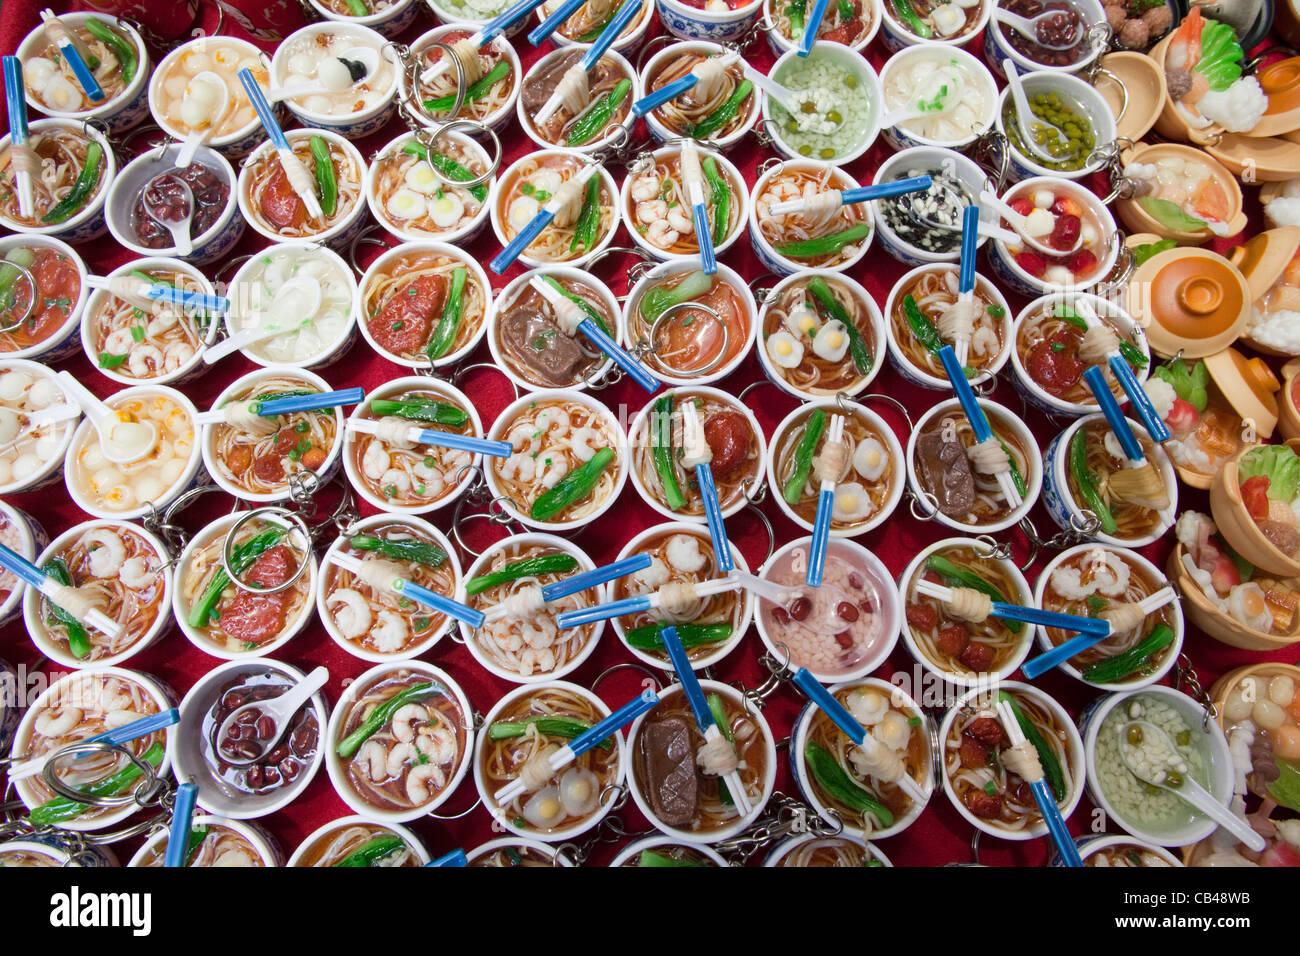 China, Hong Kong, Stanley Market, Souvenir-Schlüsselanhänger von chinesischen Schüsseln mit Essen Stockfoto